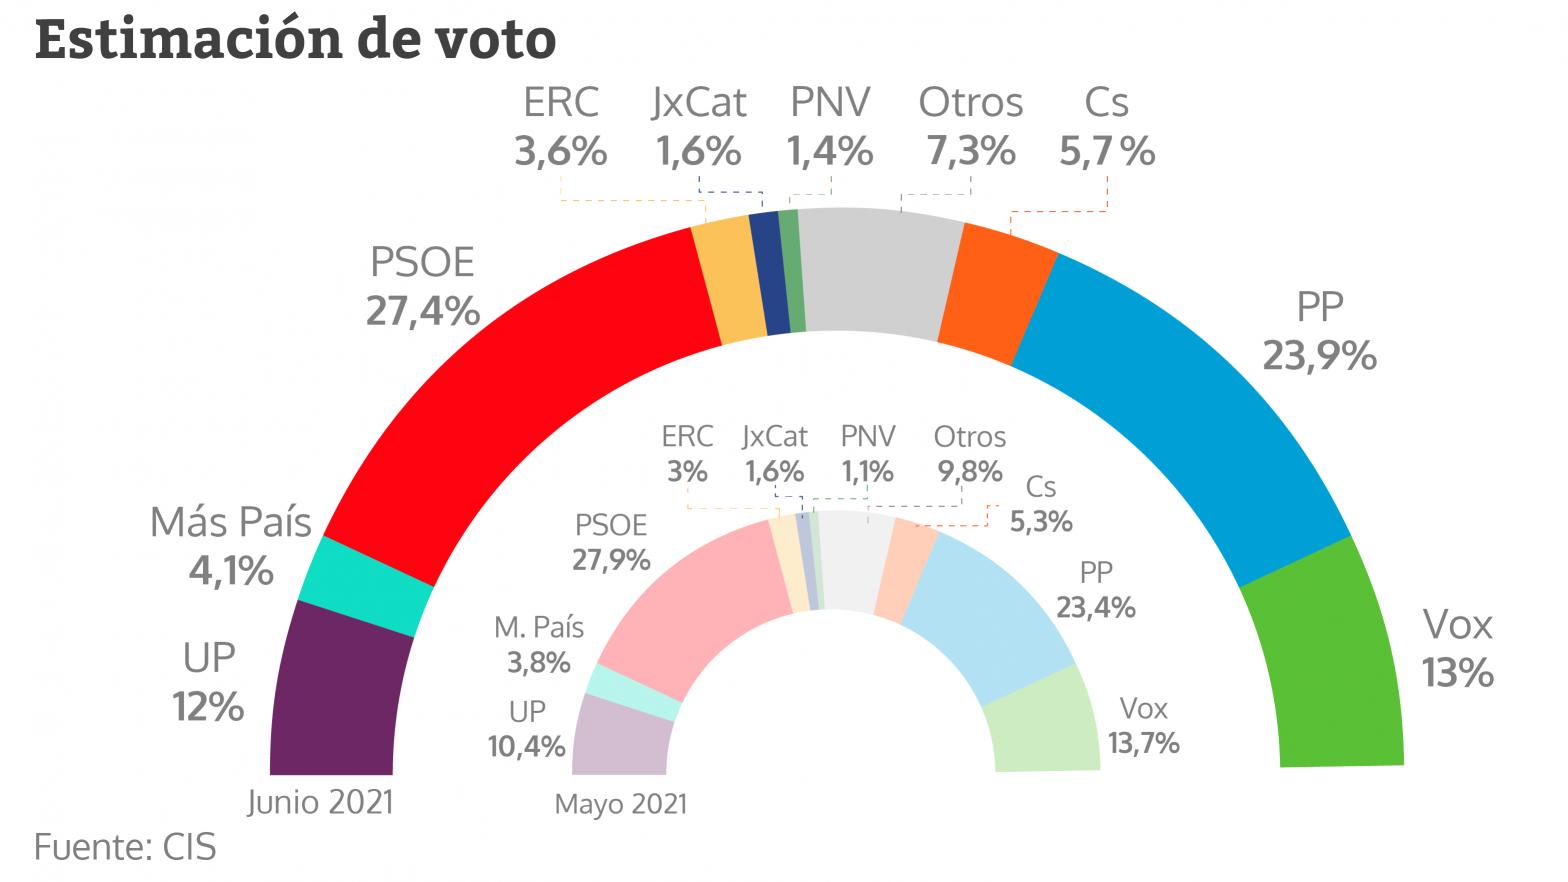 Estimación de voto del CIS en junio de 2021.